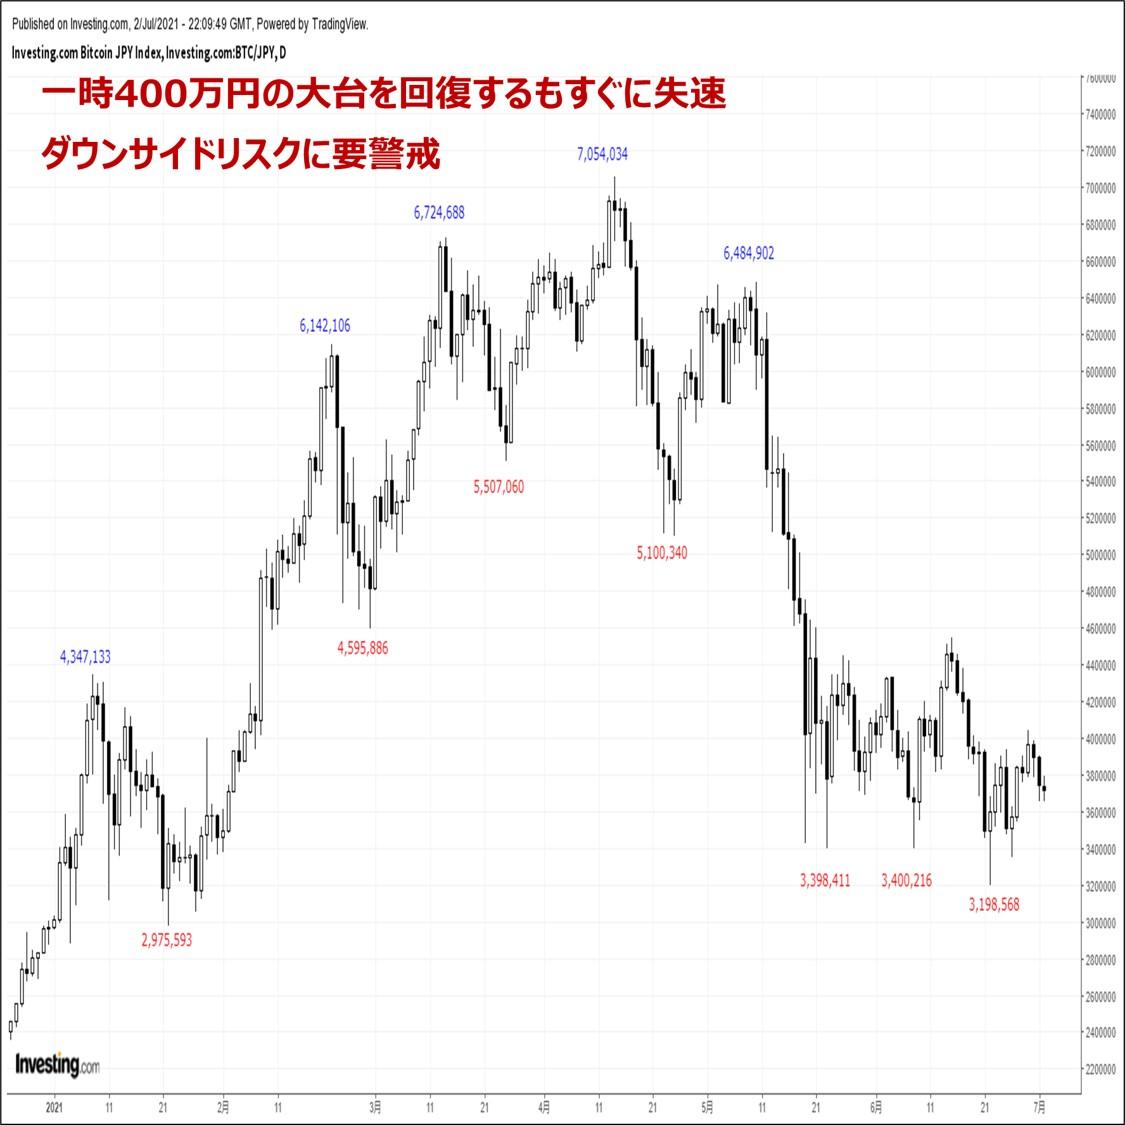 ビットコインの価格分析:『節目400万円を回復するもすぐに失速。来週は下落リスクに要警戒』(7/3)